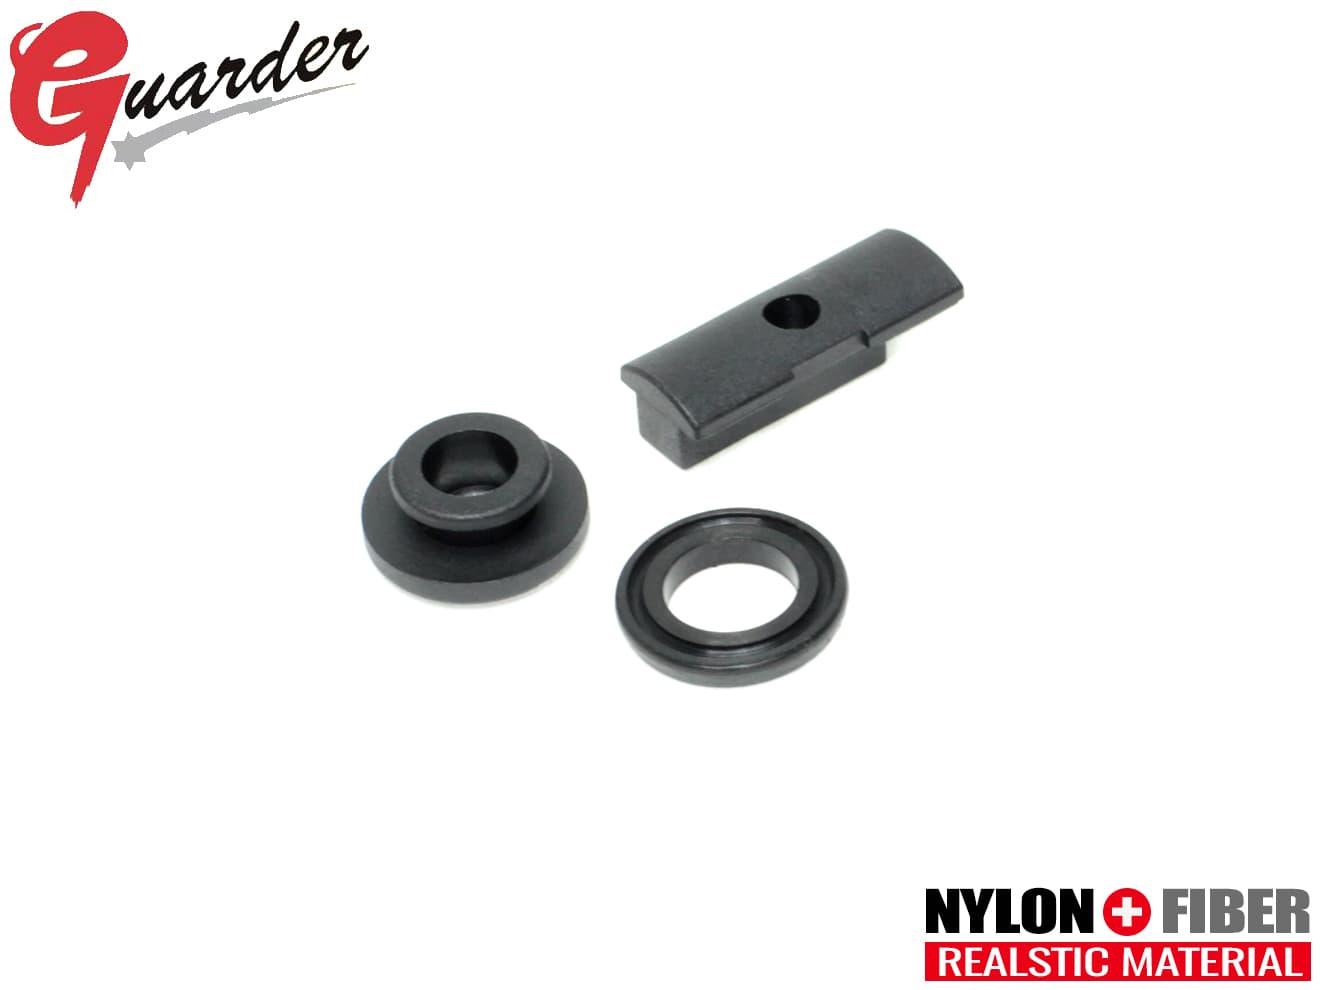 GUARDER ガーダー ピストンヘッド GBB ハイキャパ4.3 ハイキャパ5.1 ゴールドマッチ マッチカスタム デザートウォーリアー アウトレットセール 特集 フォリッジウォーリアー Yリング CAPA-42■GUARDER Hi-CAPA ガスブローバック 高級な 強化ピストンヘッドセット ポリマー 純正互換品 H51-12 H51-13 硬度90°ラバー採用 ハイキャパ対応 東京マルイ